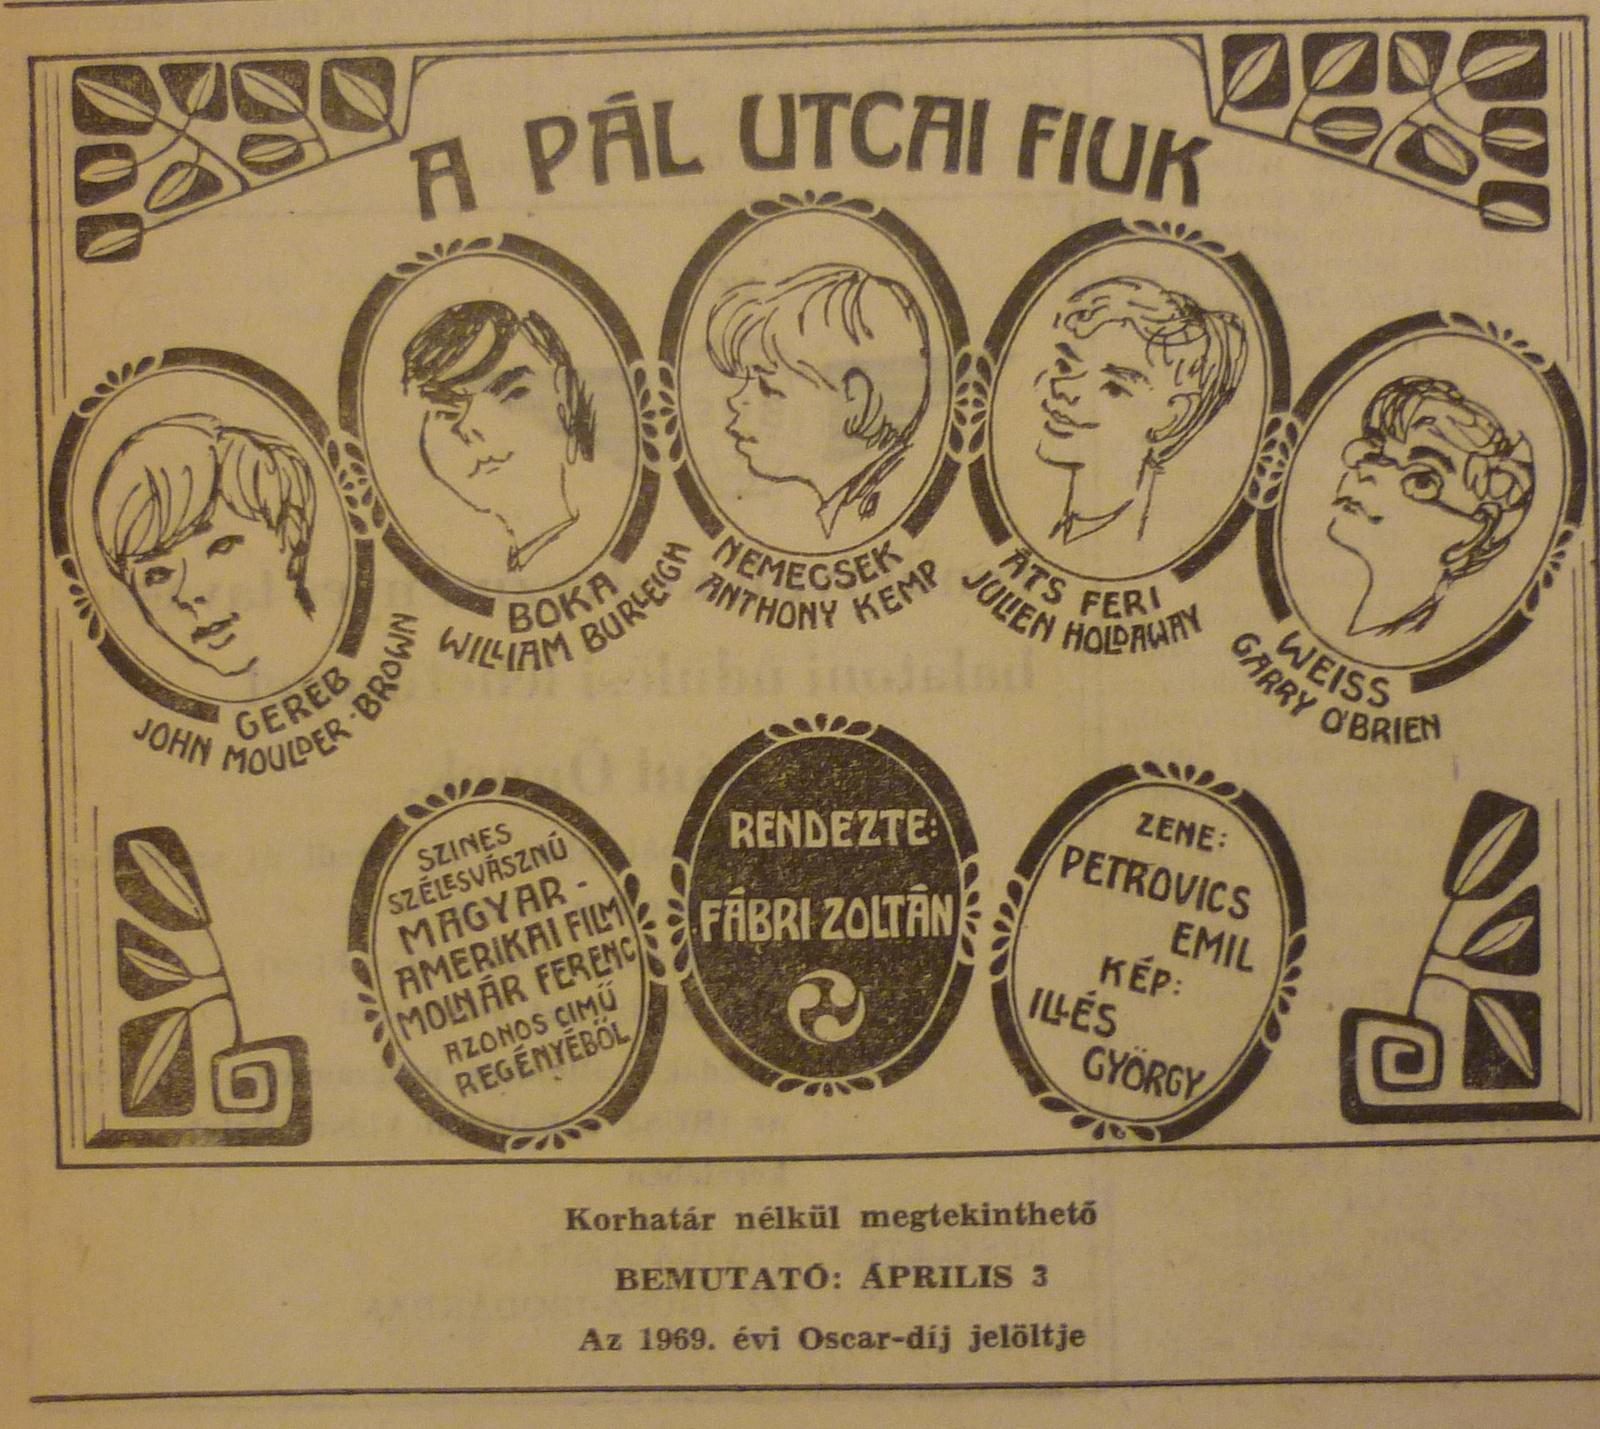 PalUtcaiFiuk-19690327-MagyarNemzet